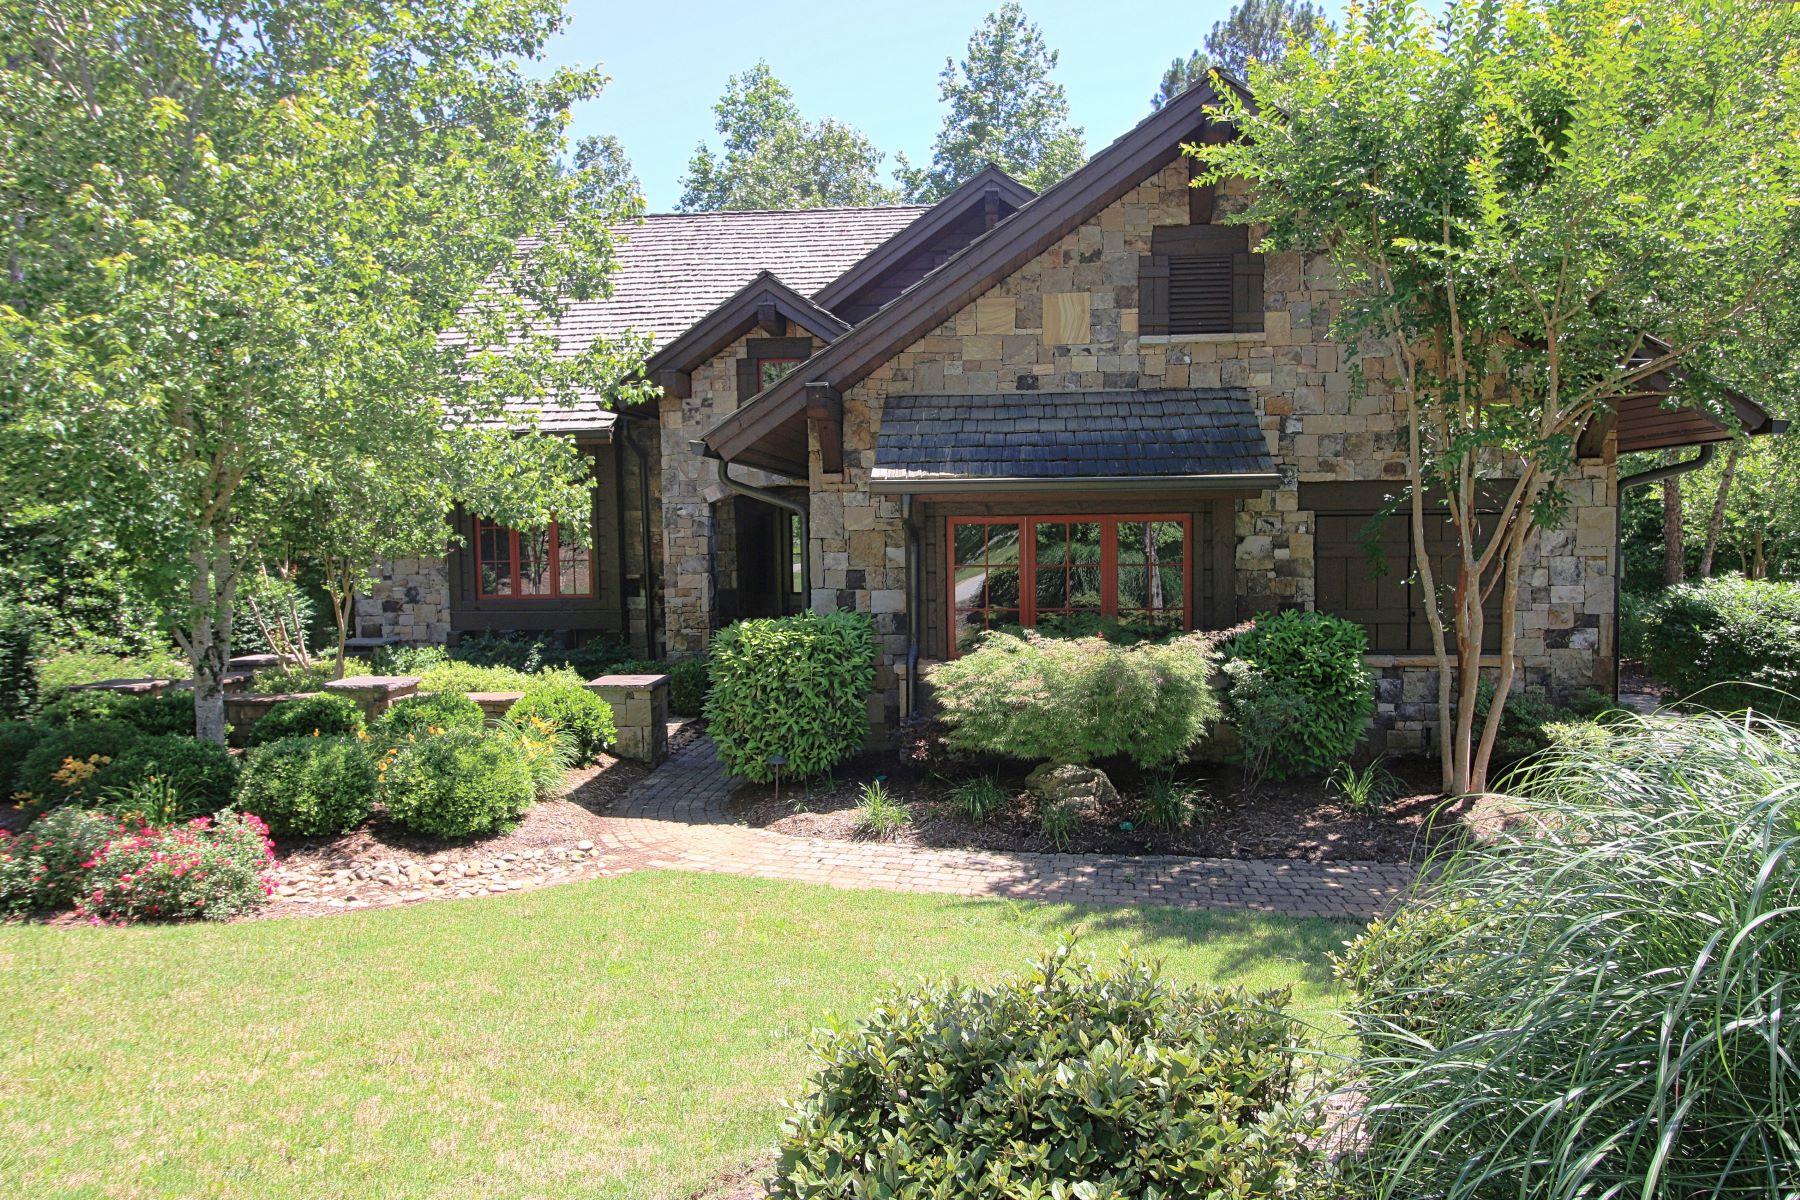 단독 가정 주택 용 매매 에 Wonderful Woodland Home with Furnishings Included! 201 Ironwood Court The Cliffs At Keowee Falls, Salem, 사우스캐놀라이나, 29676 미국